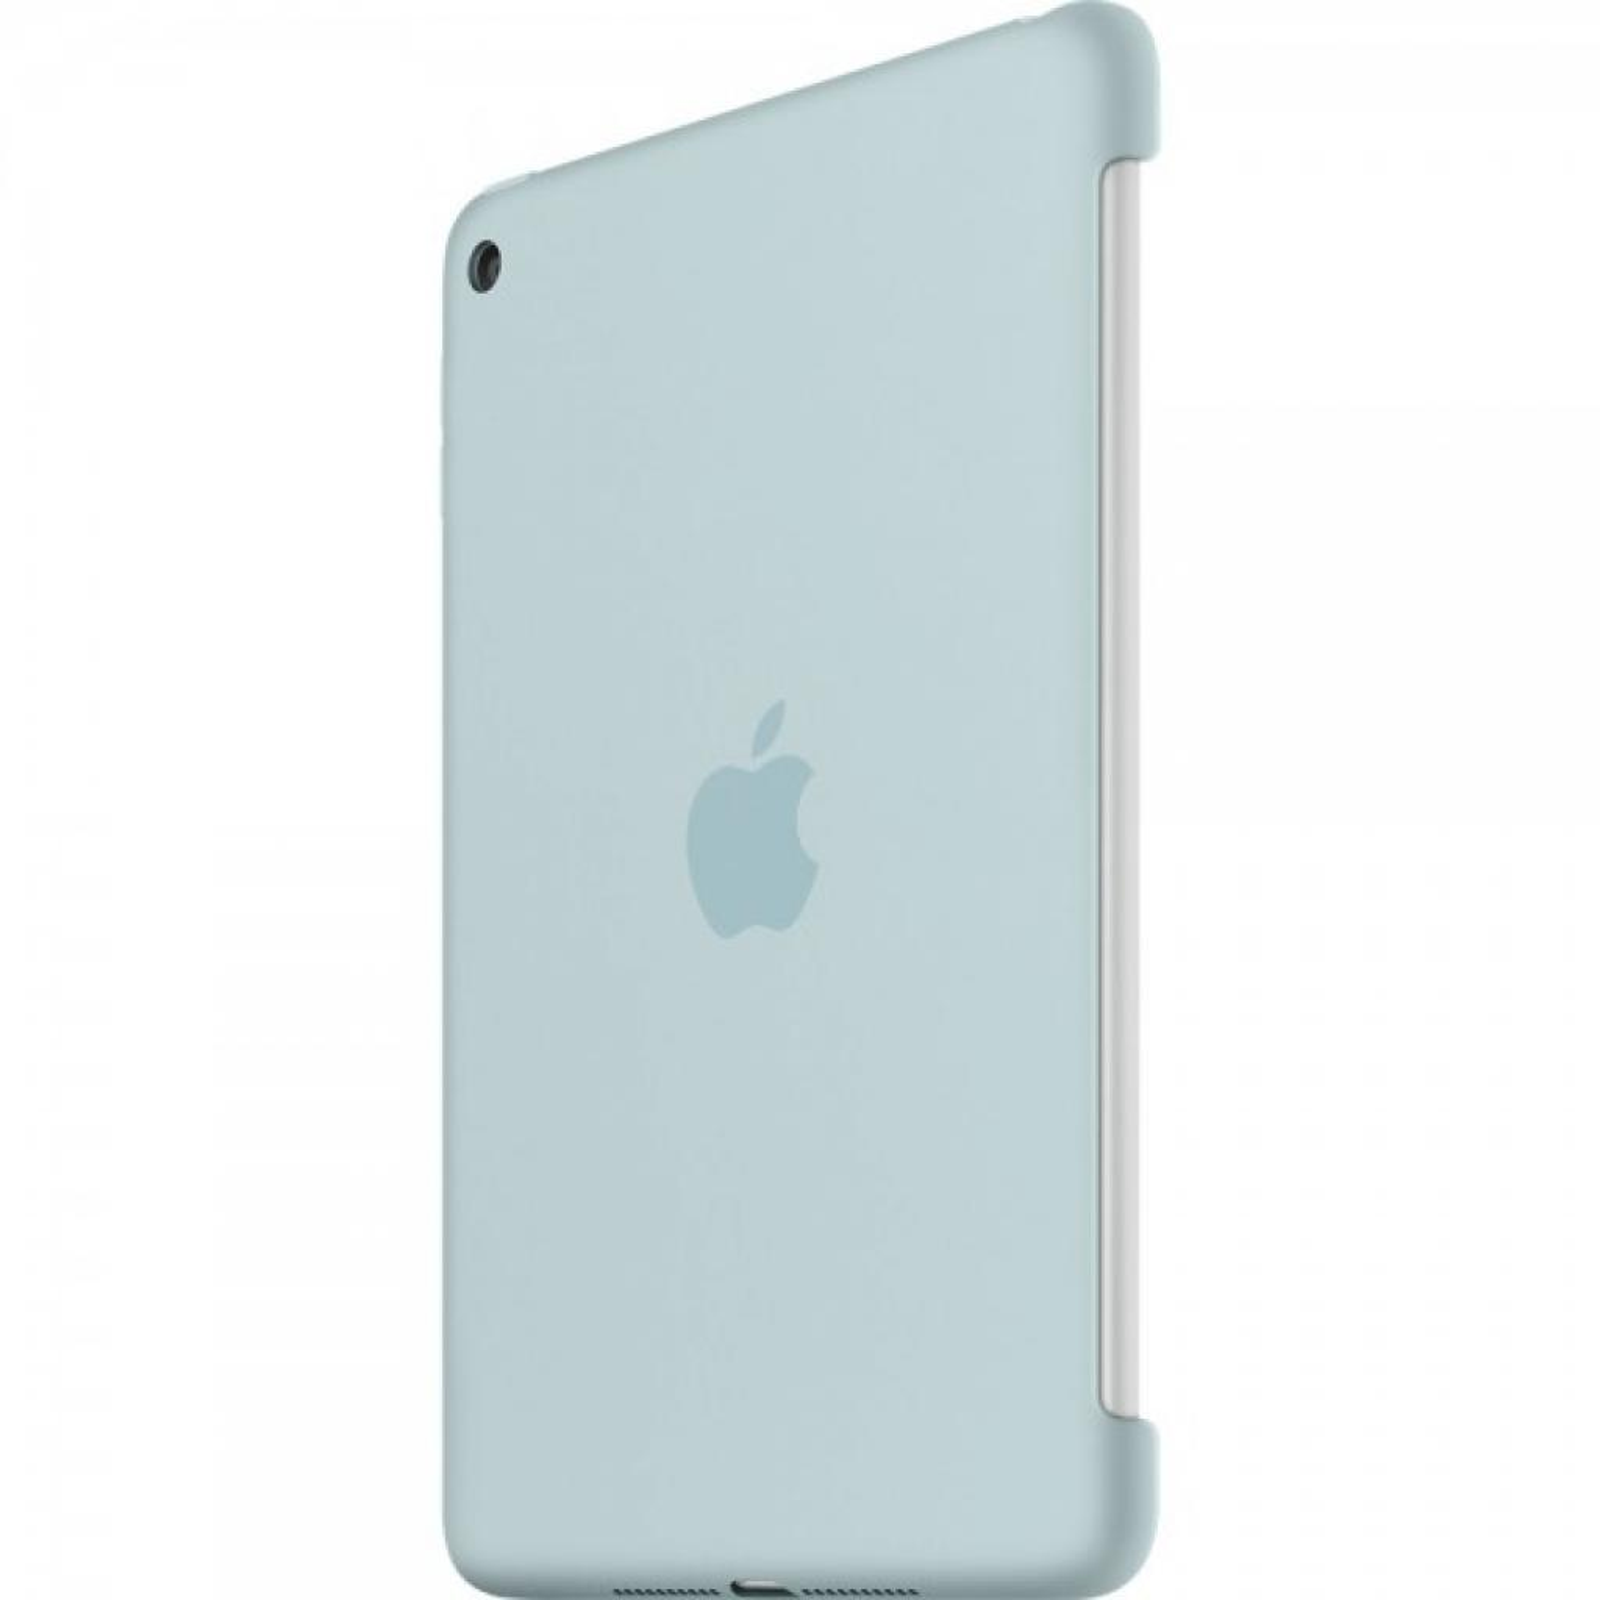 Чехол для планшета Apple iPad mini 4 Turquoise (MLD72ZM/A) изображение 2